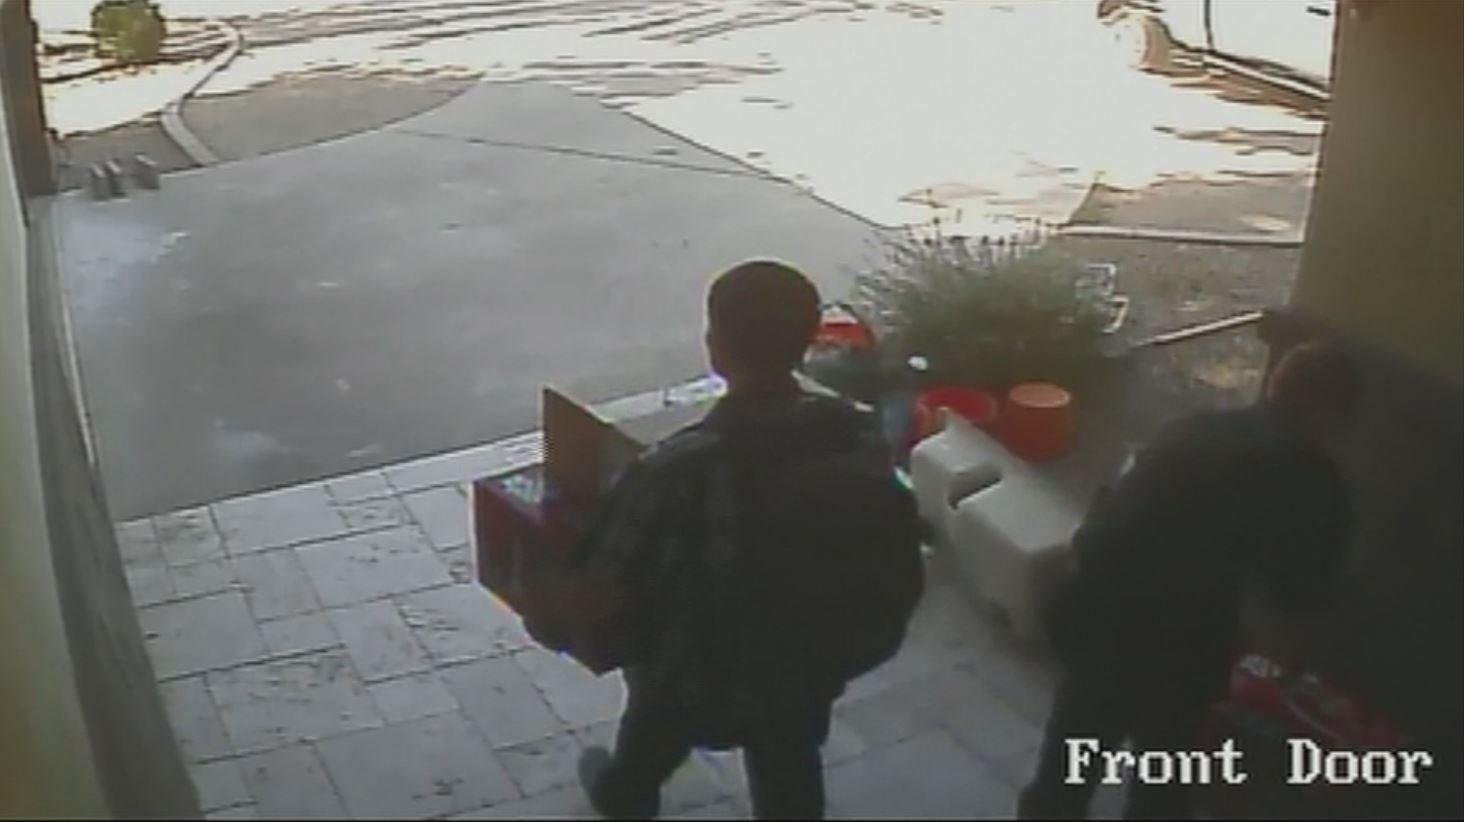 Both thefts were caught on surveillance video. (Source: Matthew Kane)